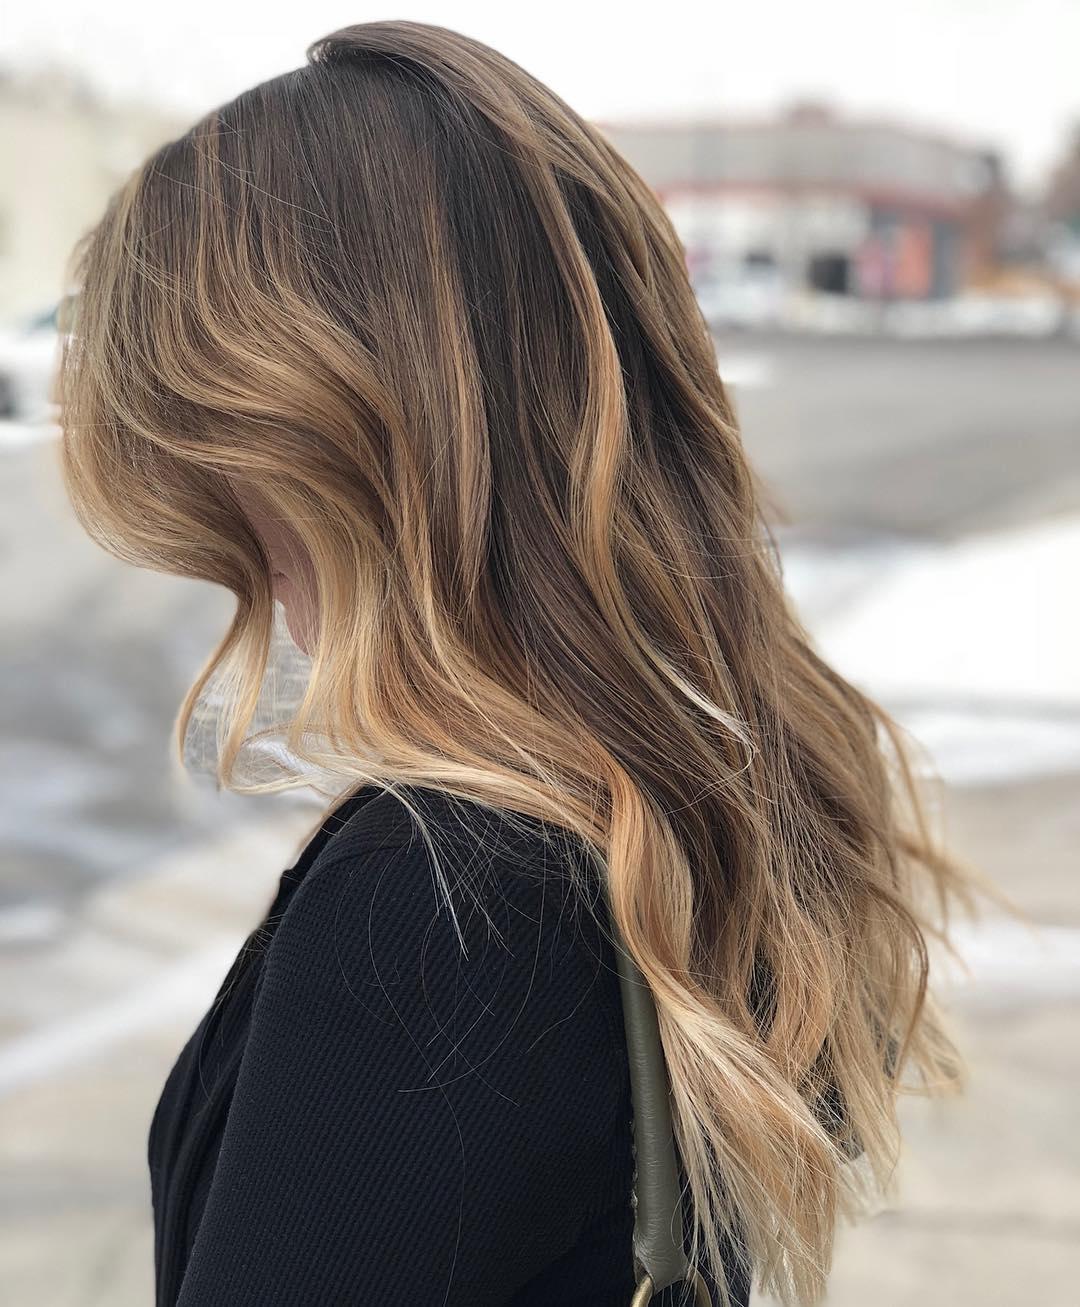 6 Glamorous Brunette Hairstyles for Long Hair